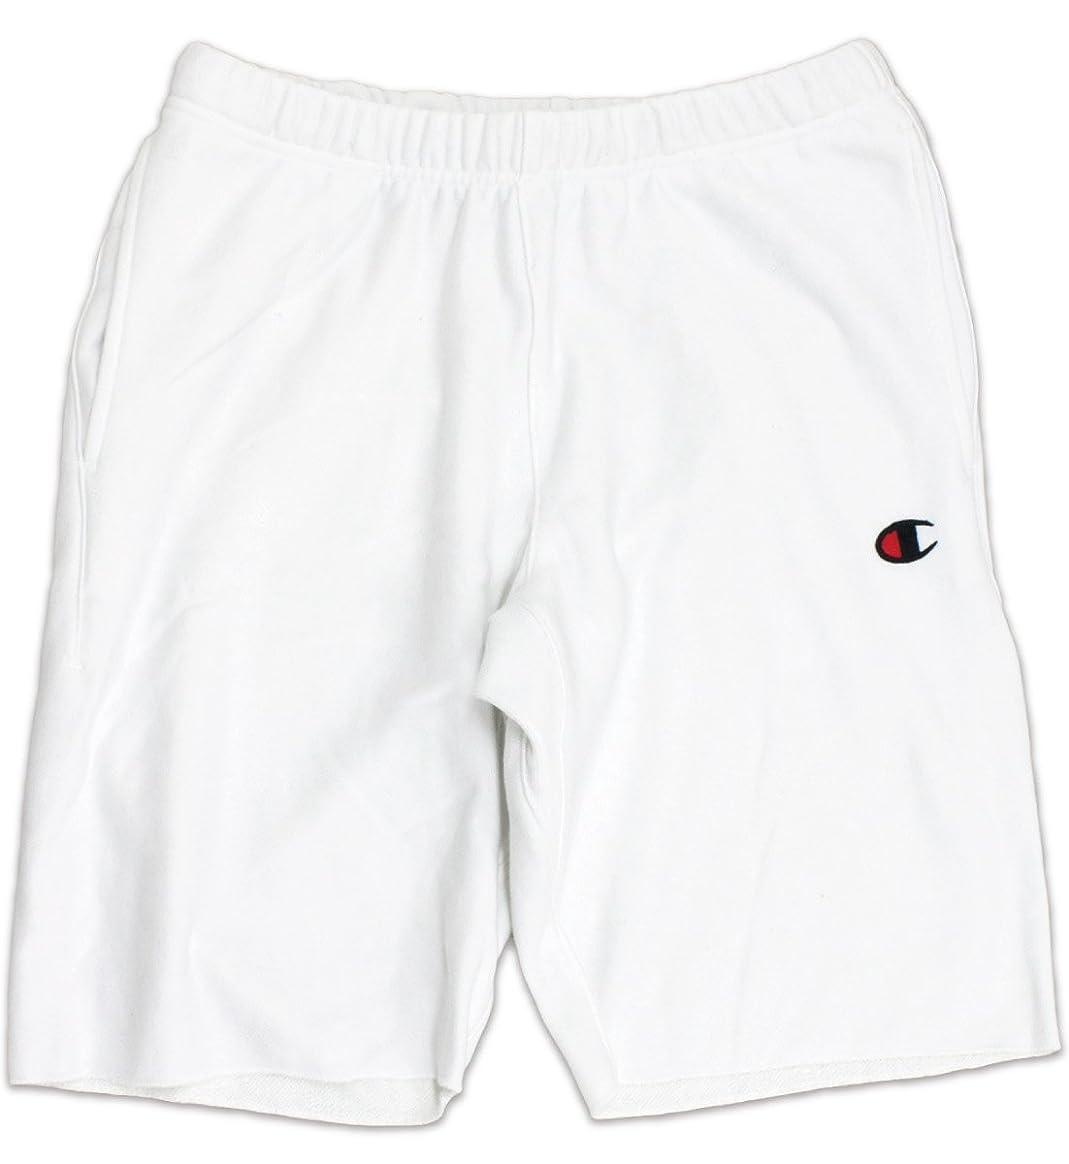 精査する限られたシリングチャンピオン スウェット ハーフパンツ 裾切りっぱなし Champion Life Reverse Weave French Terry Shorts (80105) メンズ [並行輸入品]